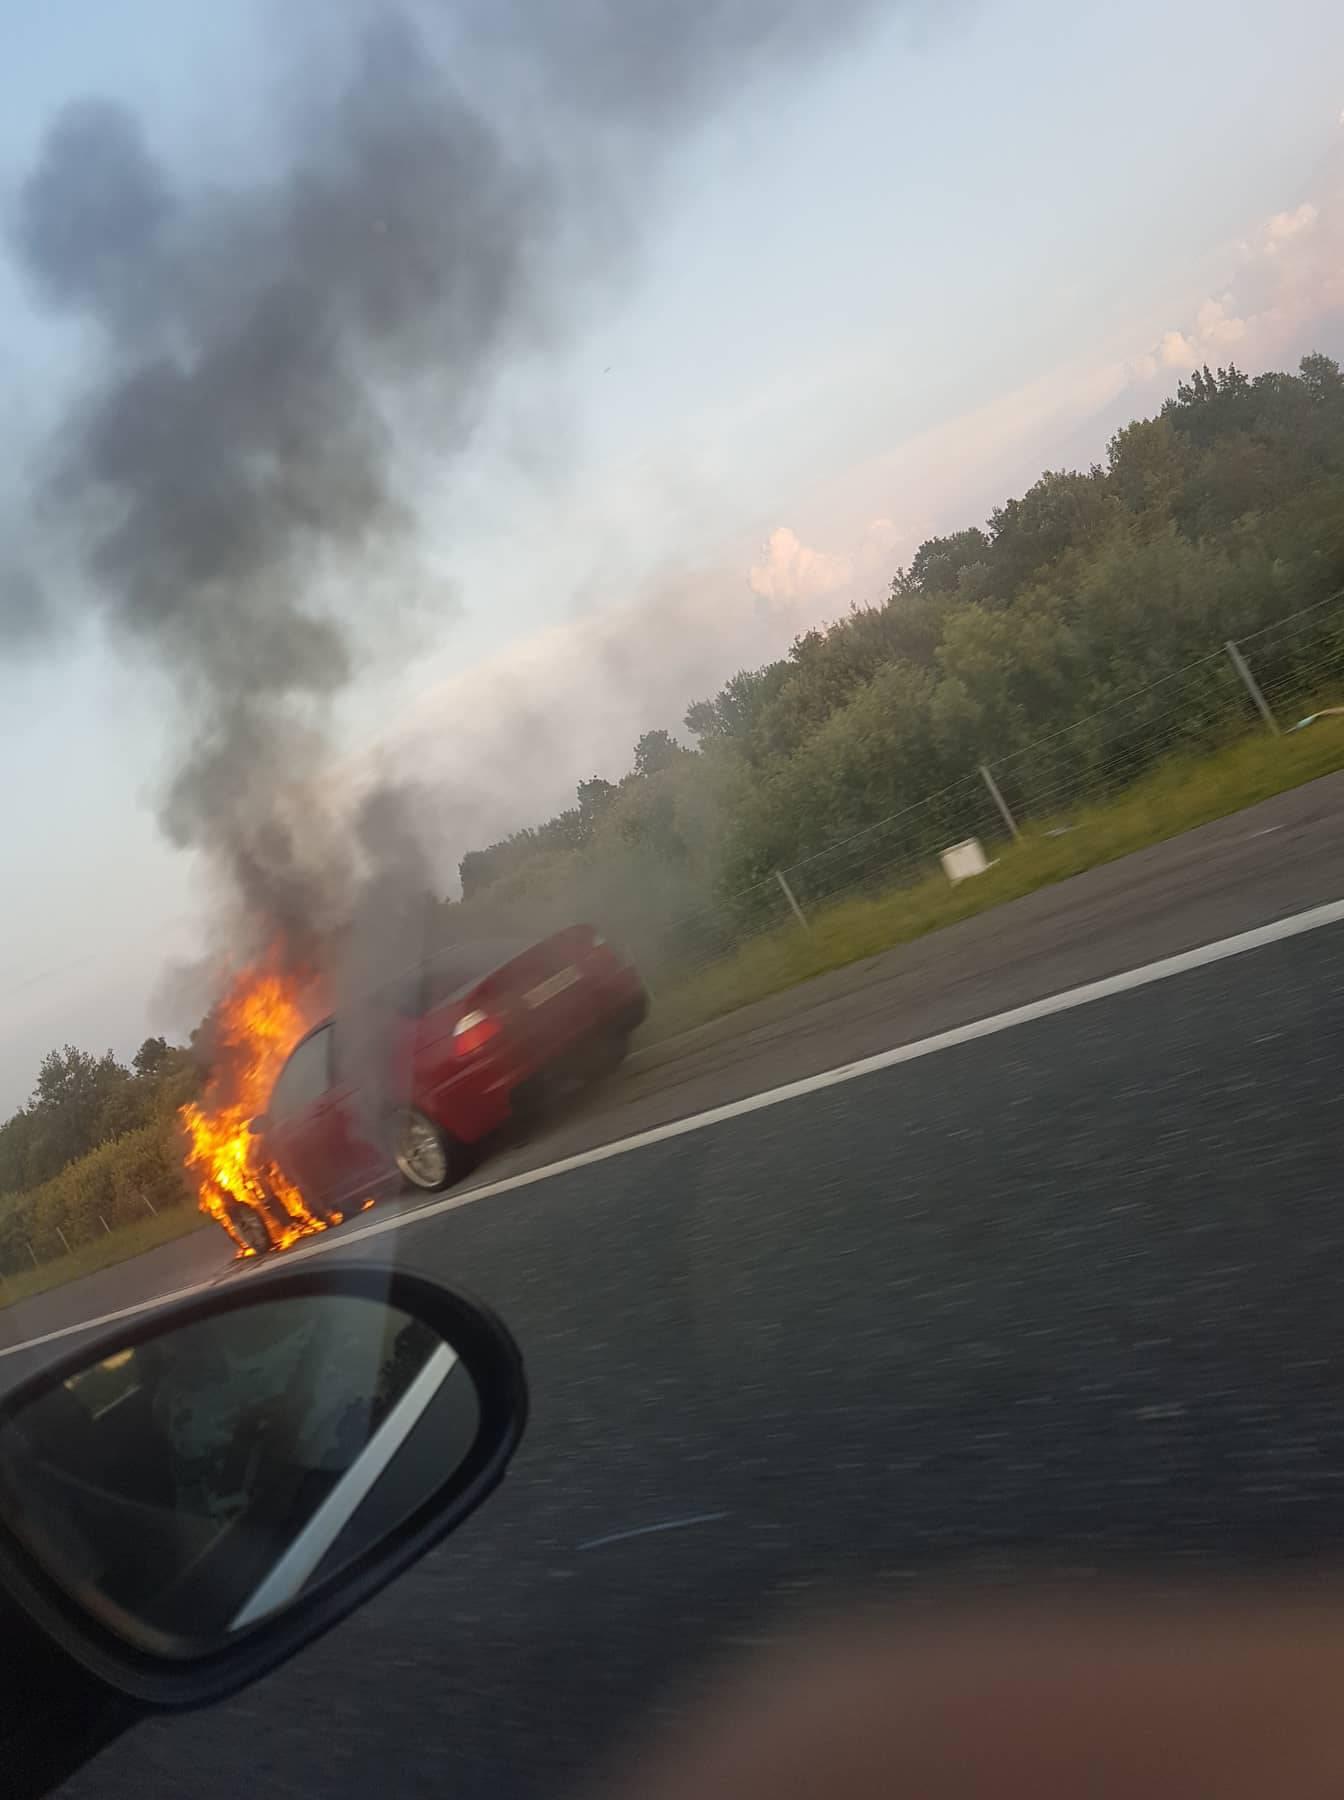 Na autocesti gorio auto: 'Dva kilometra prije smo vidjeli dim'